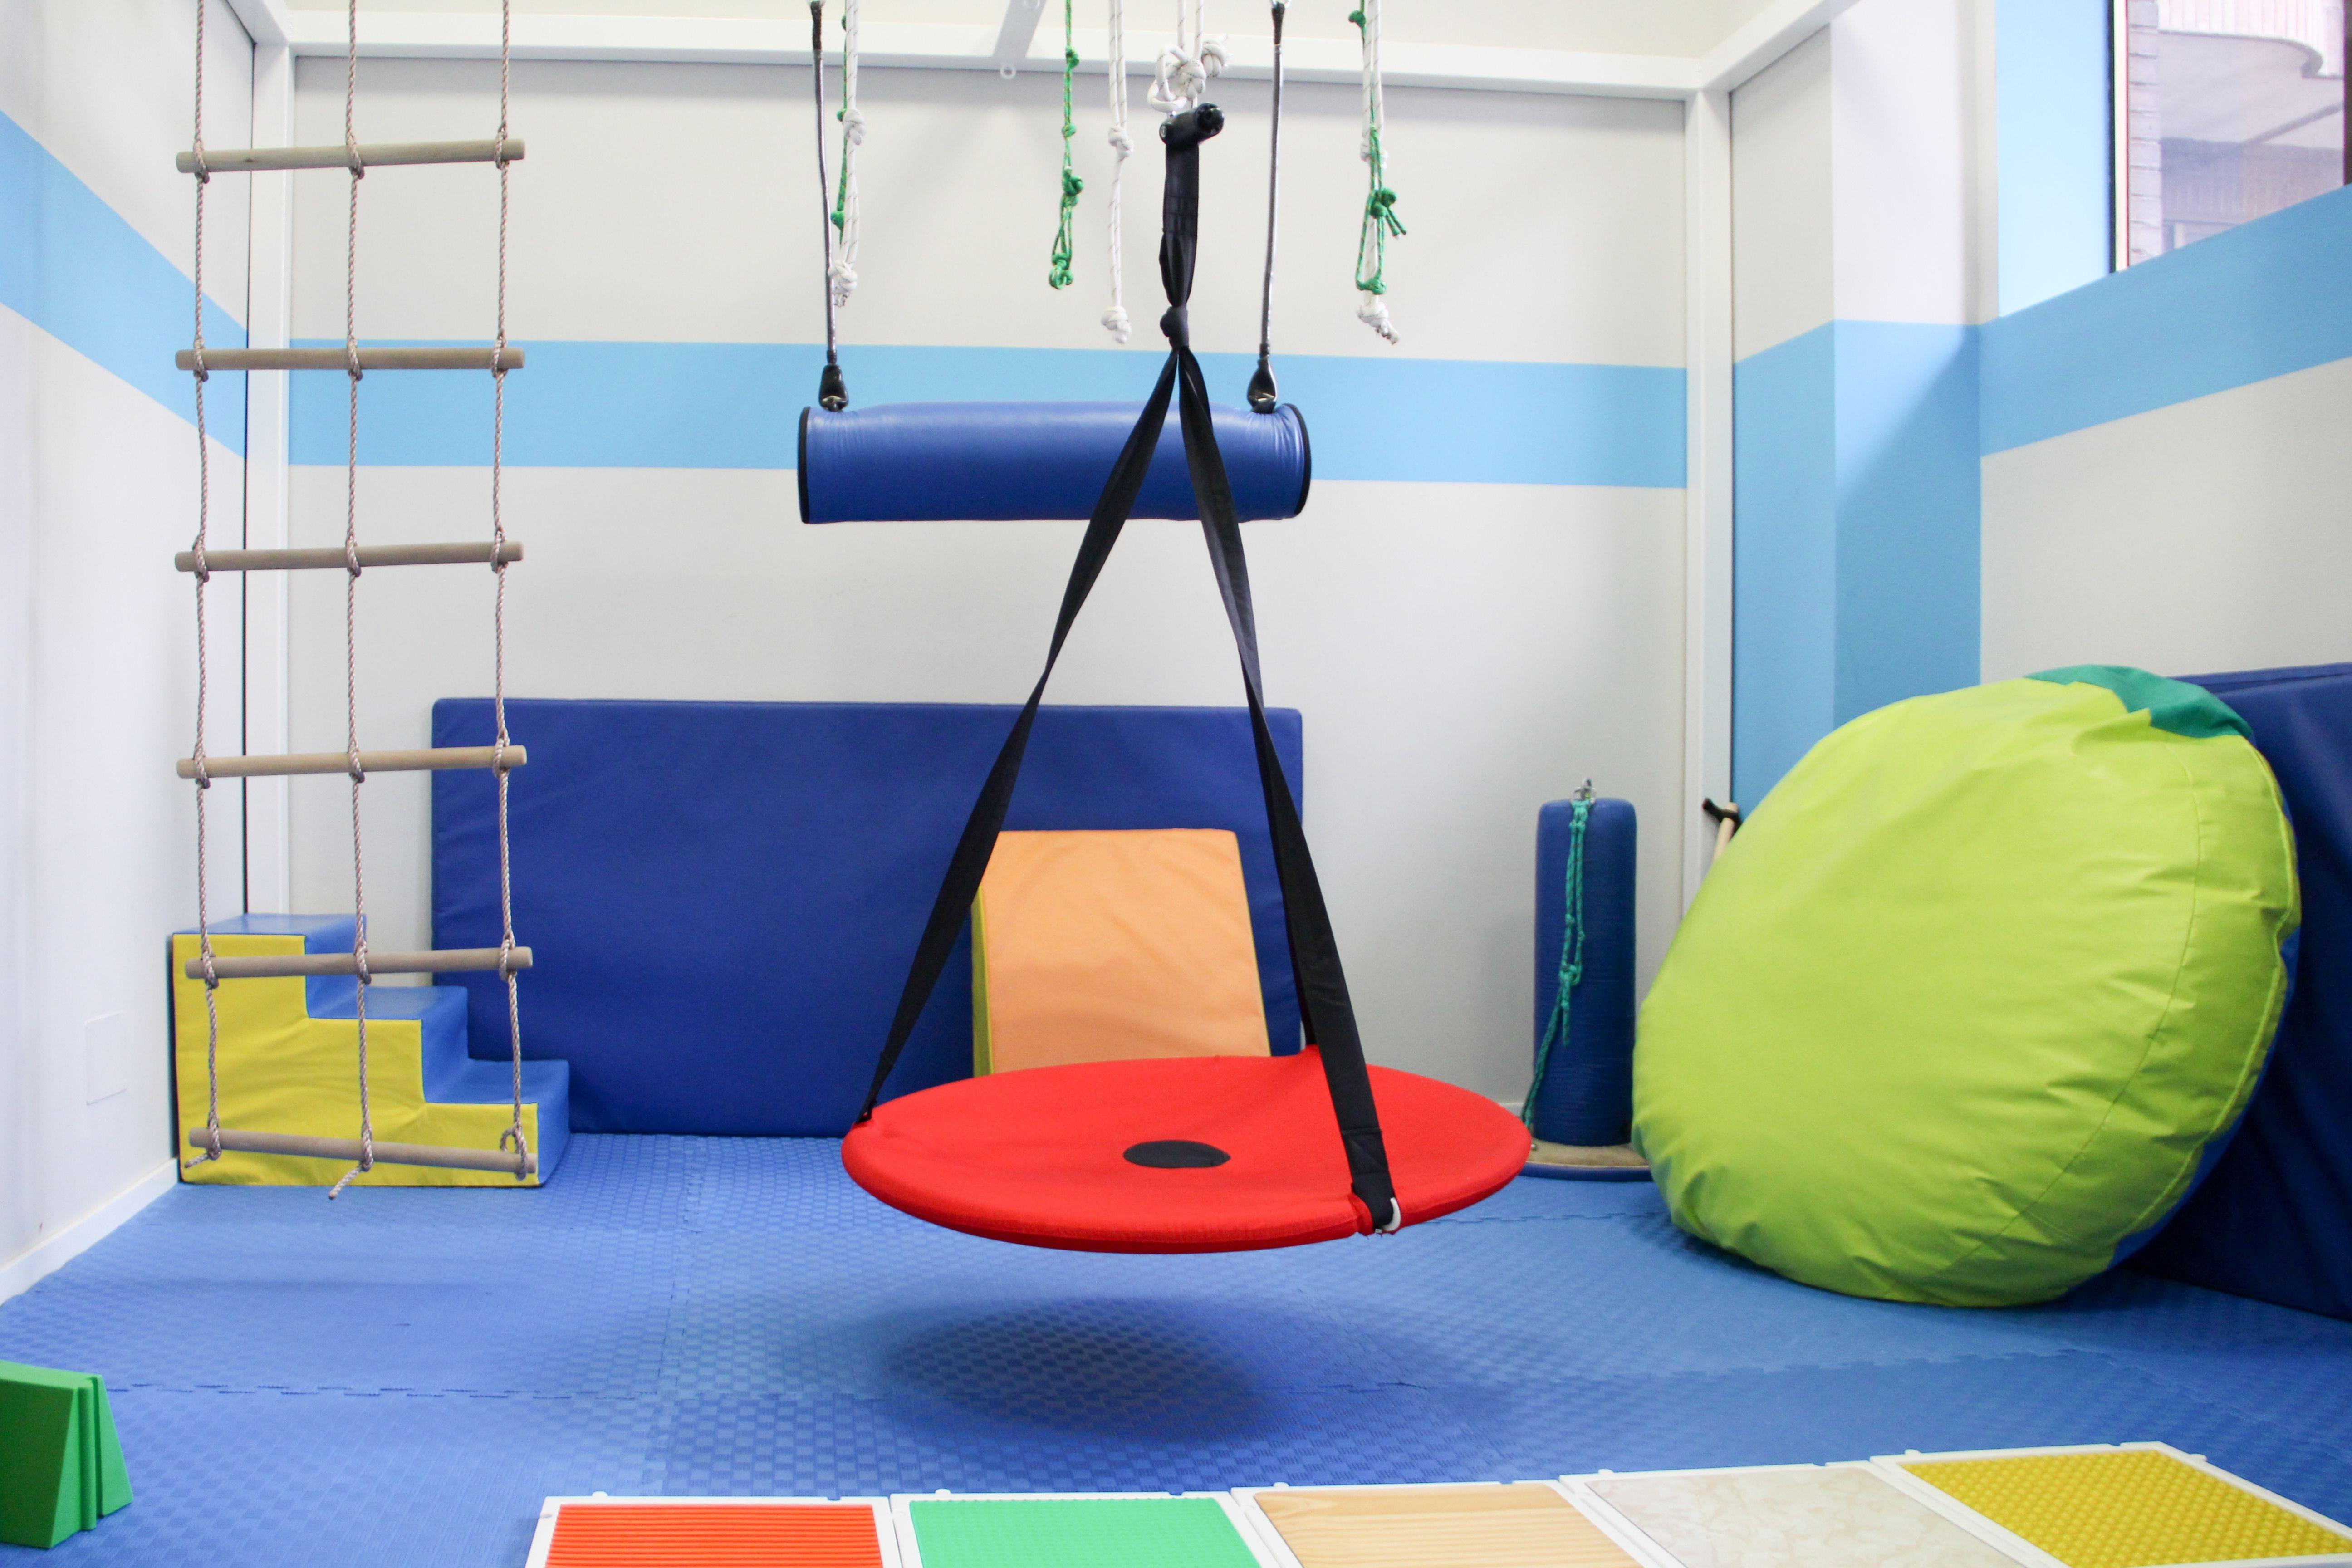 Centro Altea, especializado en tratamiento y rehabilitación infanto-juvenil